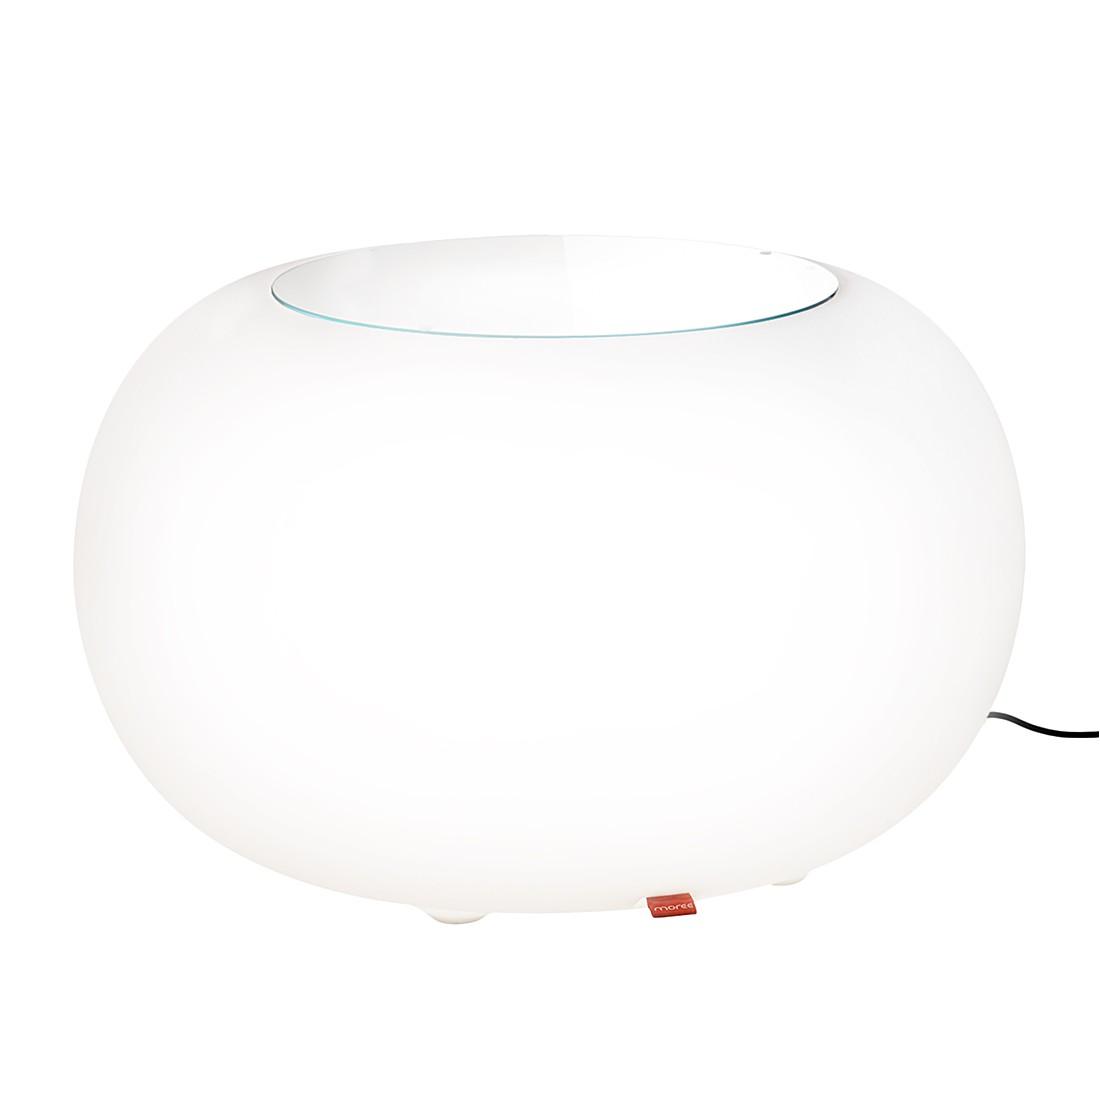 Couchtisch Bubble Outdoor (mit Beleuchtung) – mit Glasplatte, Moree günstig